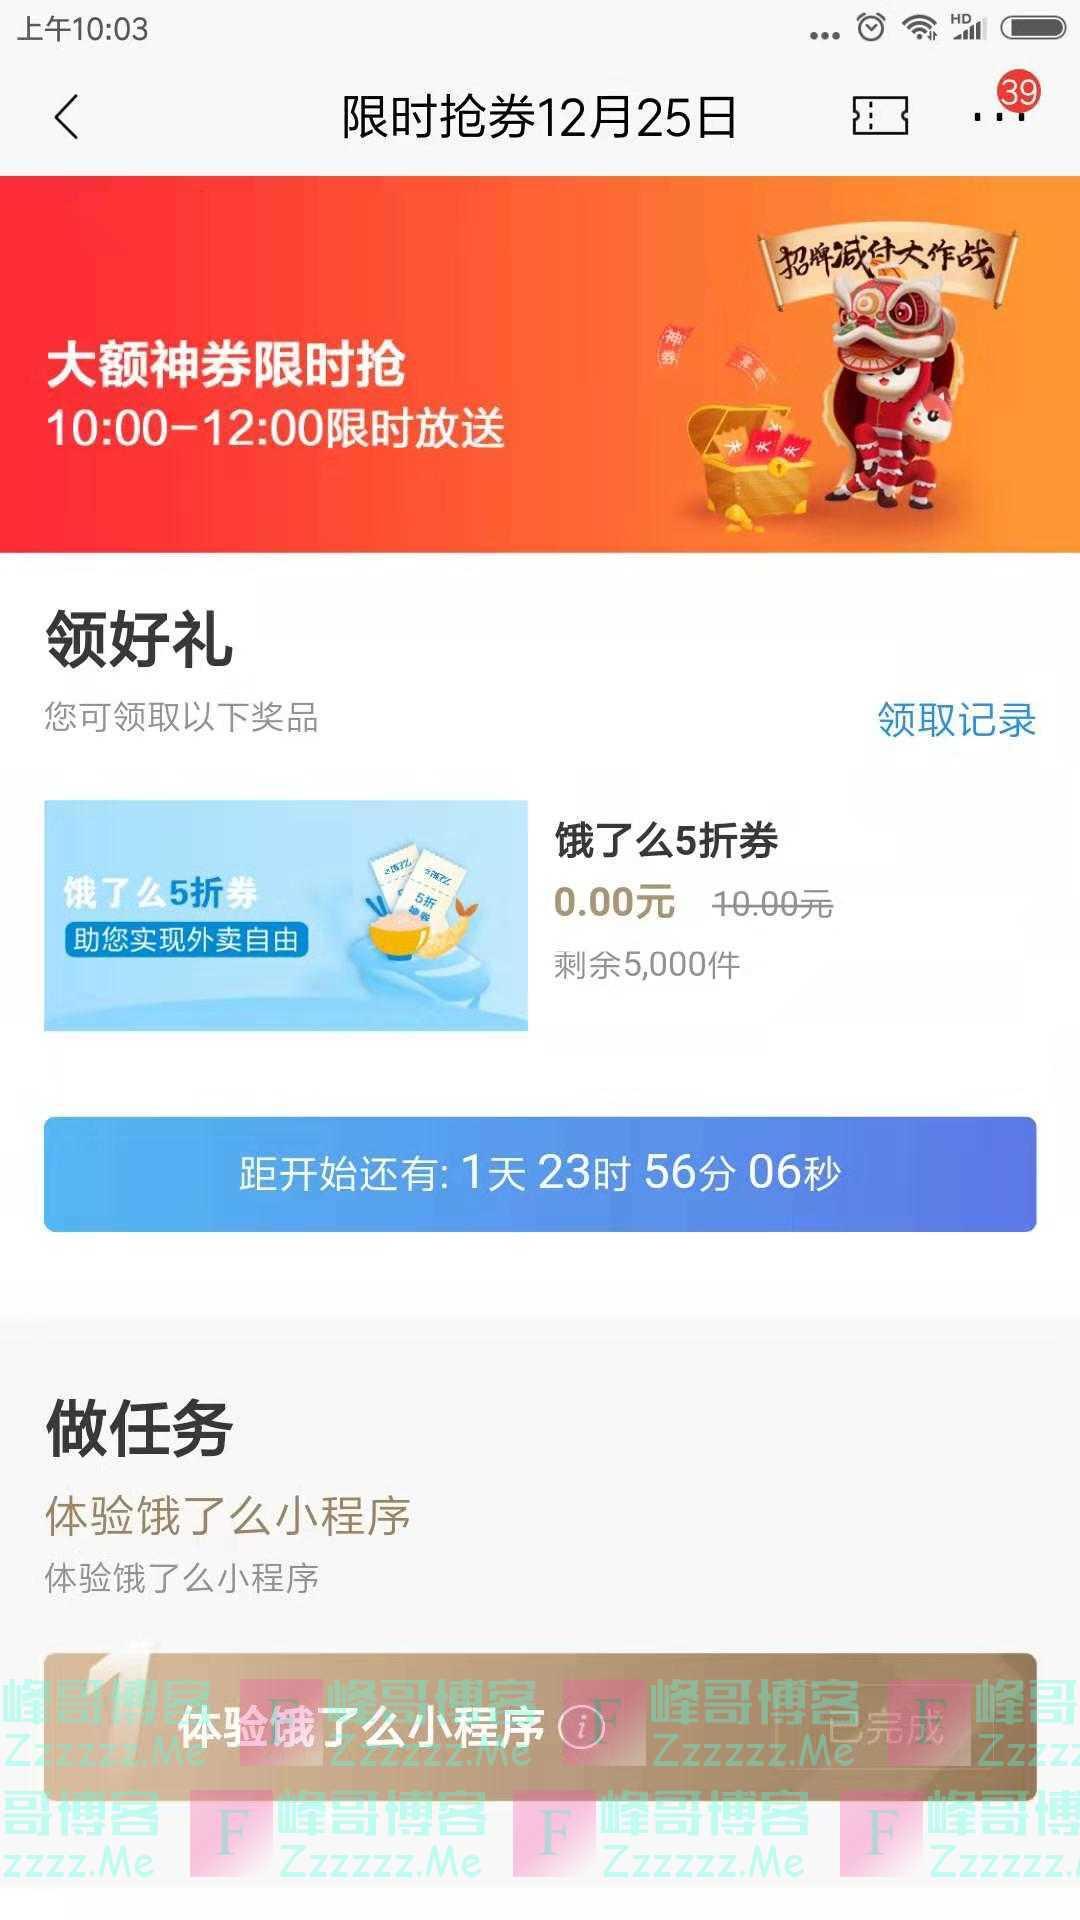 招行12.25抢饿了么5折券(截止12月25日)